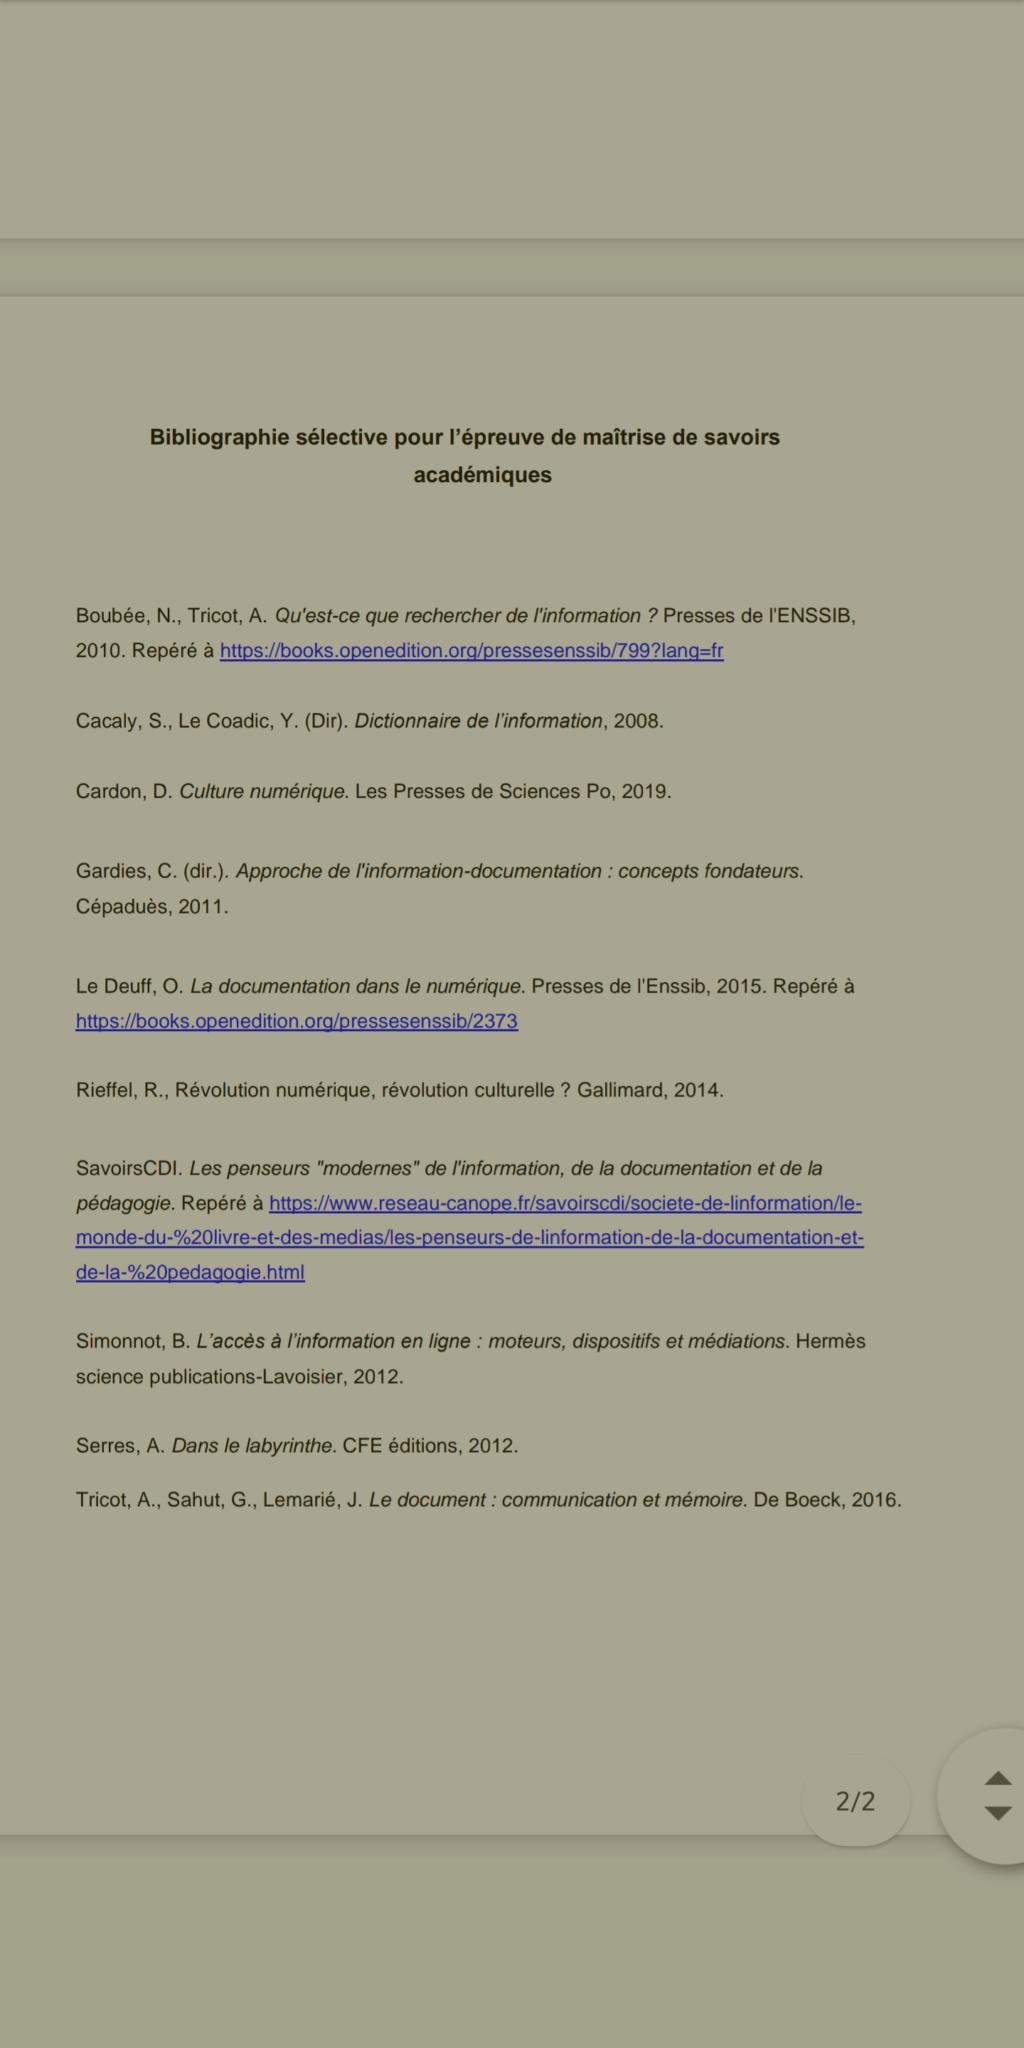 [prof-doc] CAPES externe 2021 Screen15